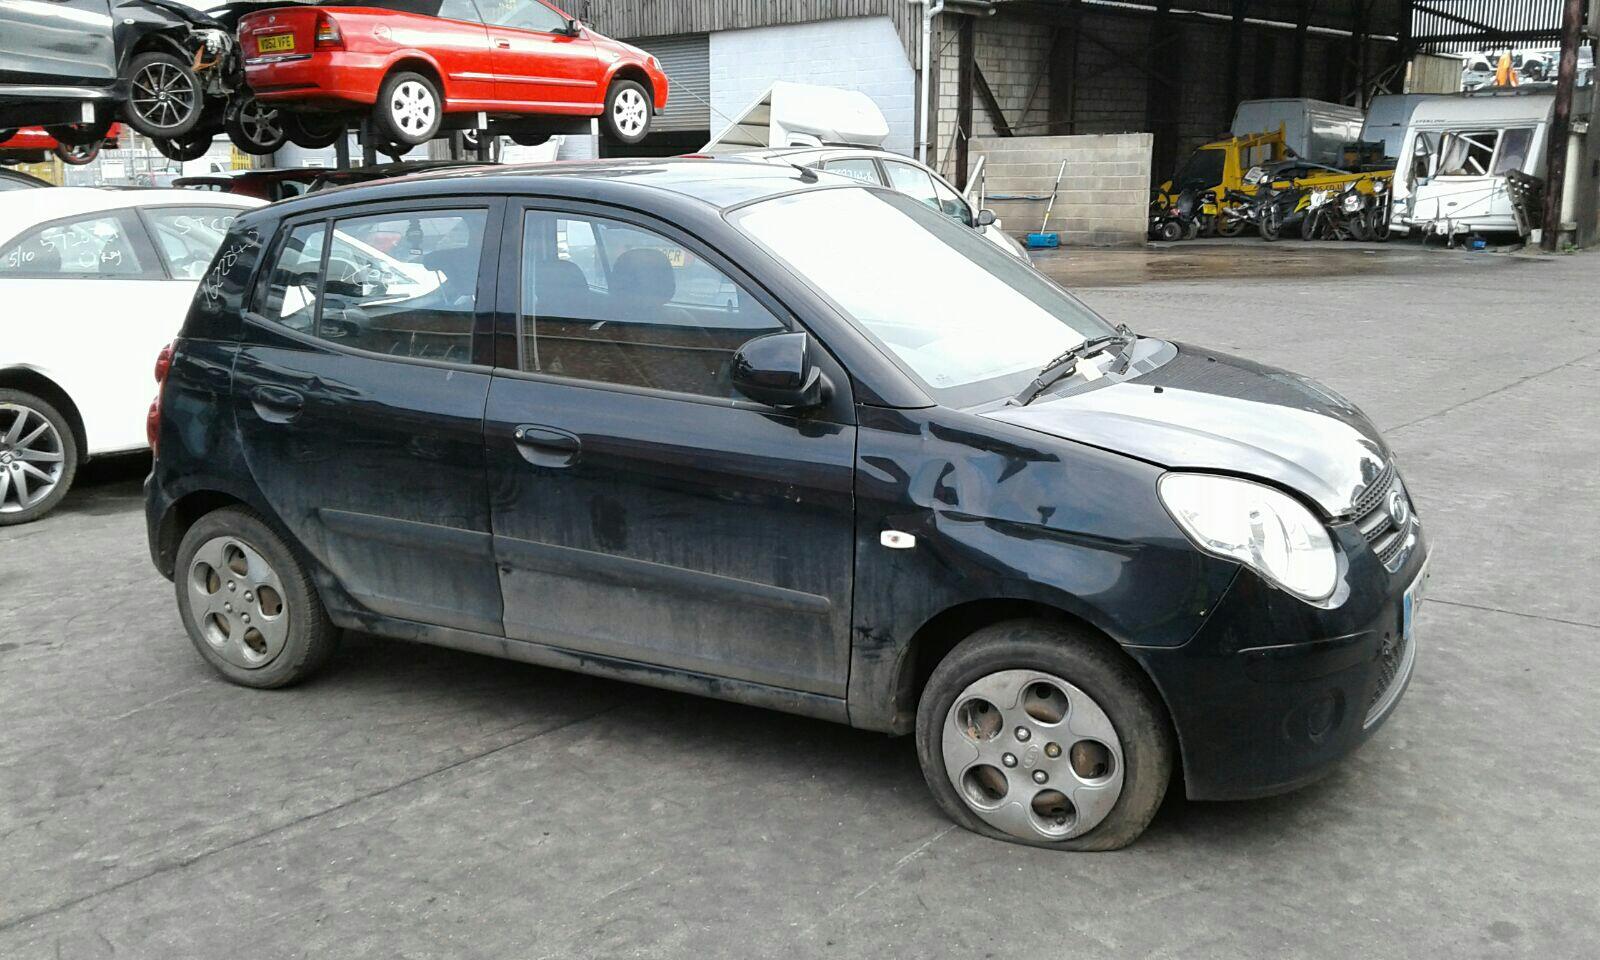 Kia Picanto 2007 To 2008 5 Door Hatchback